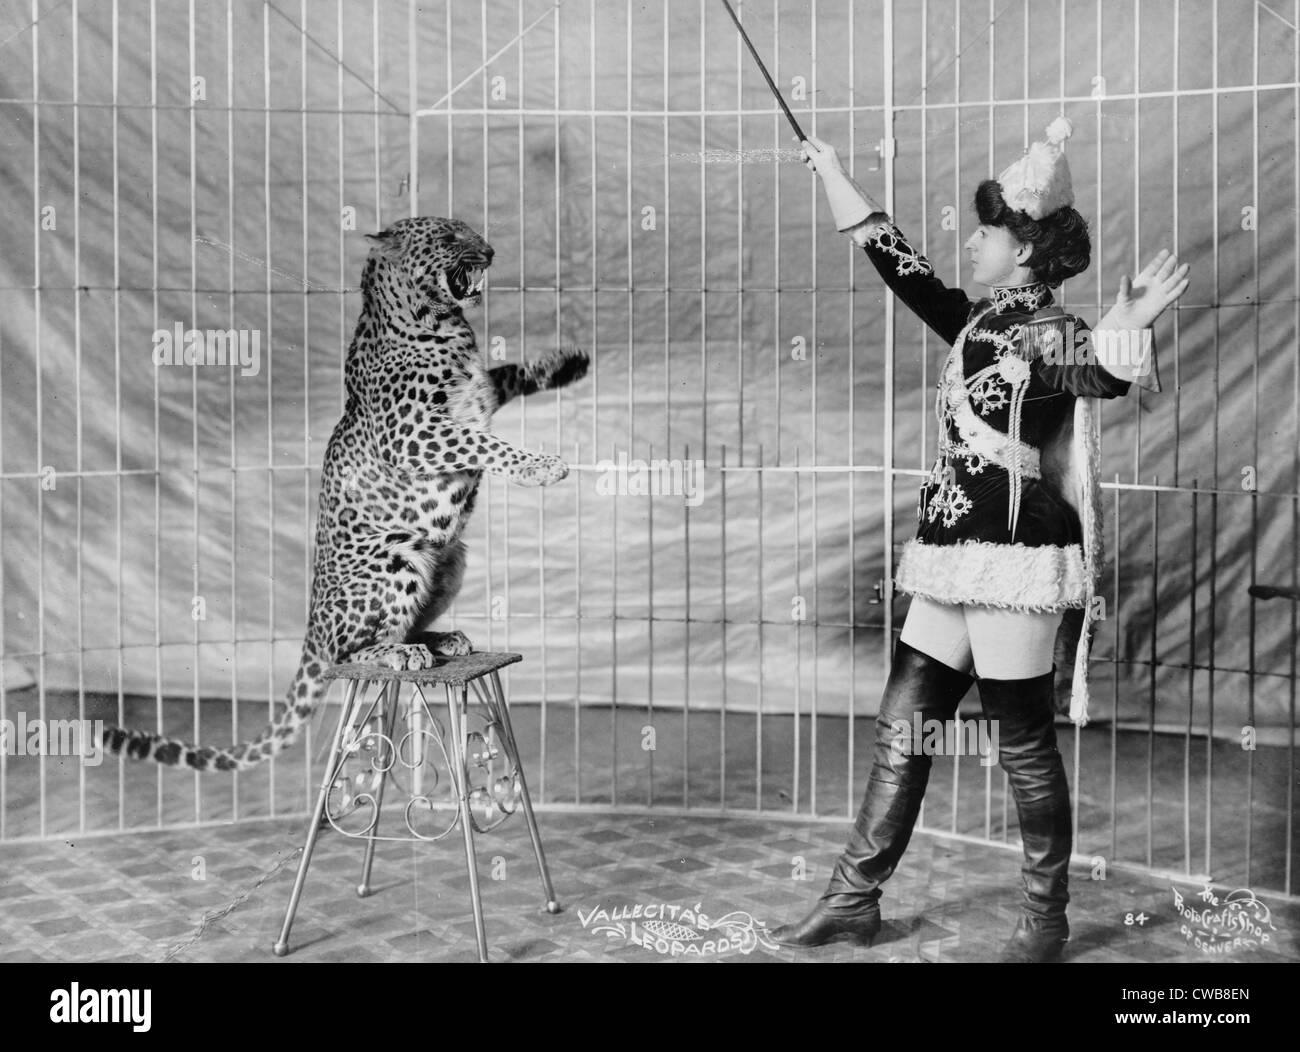 L'Vallecita léopards. Entraîneur des animaux femelles et leopard, 1900-1910 Photo Stock